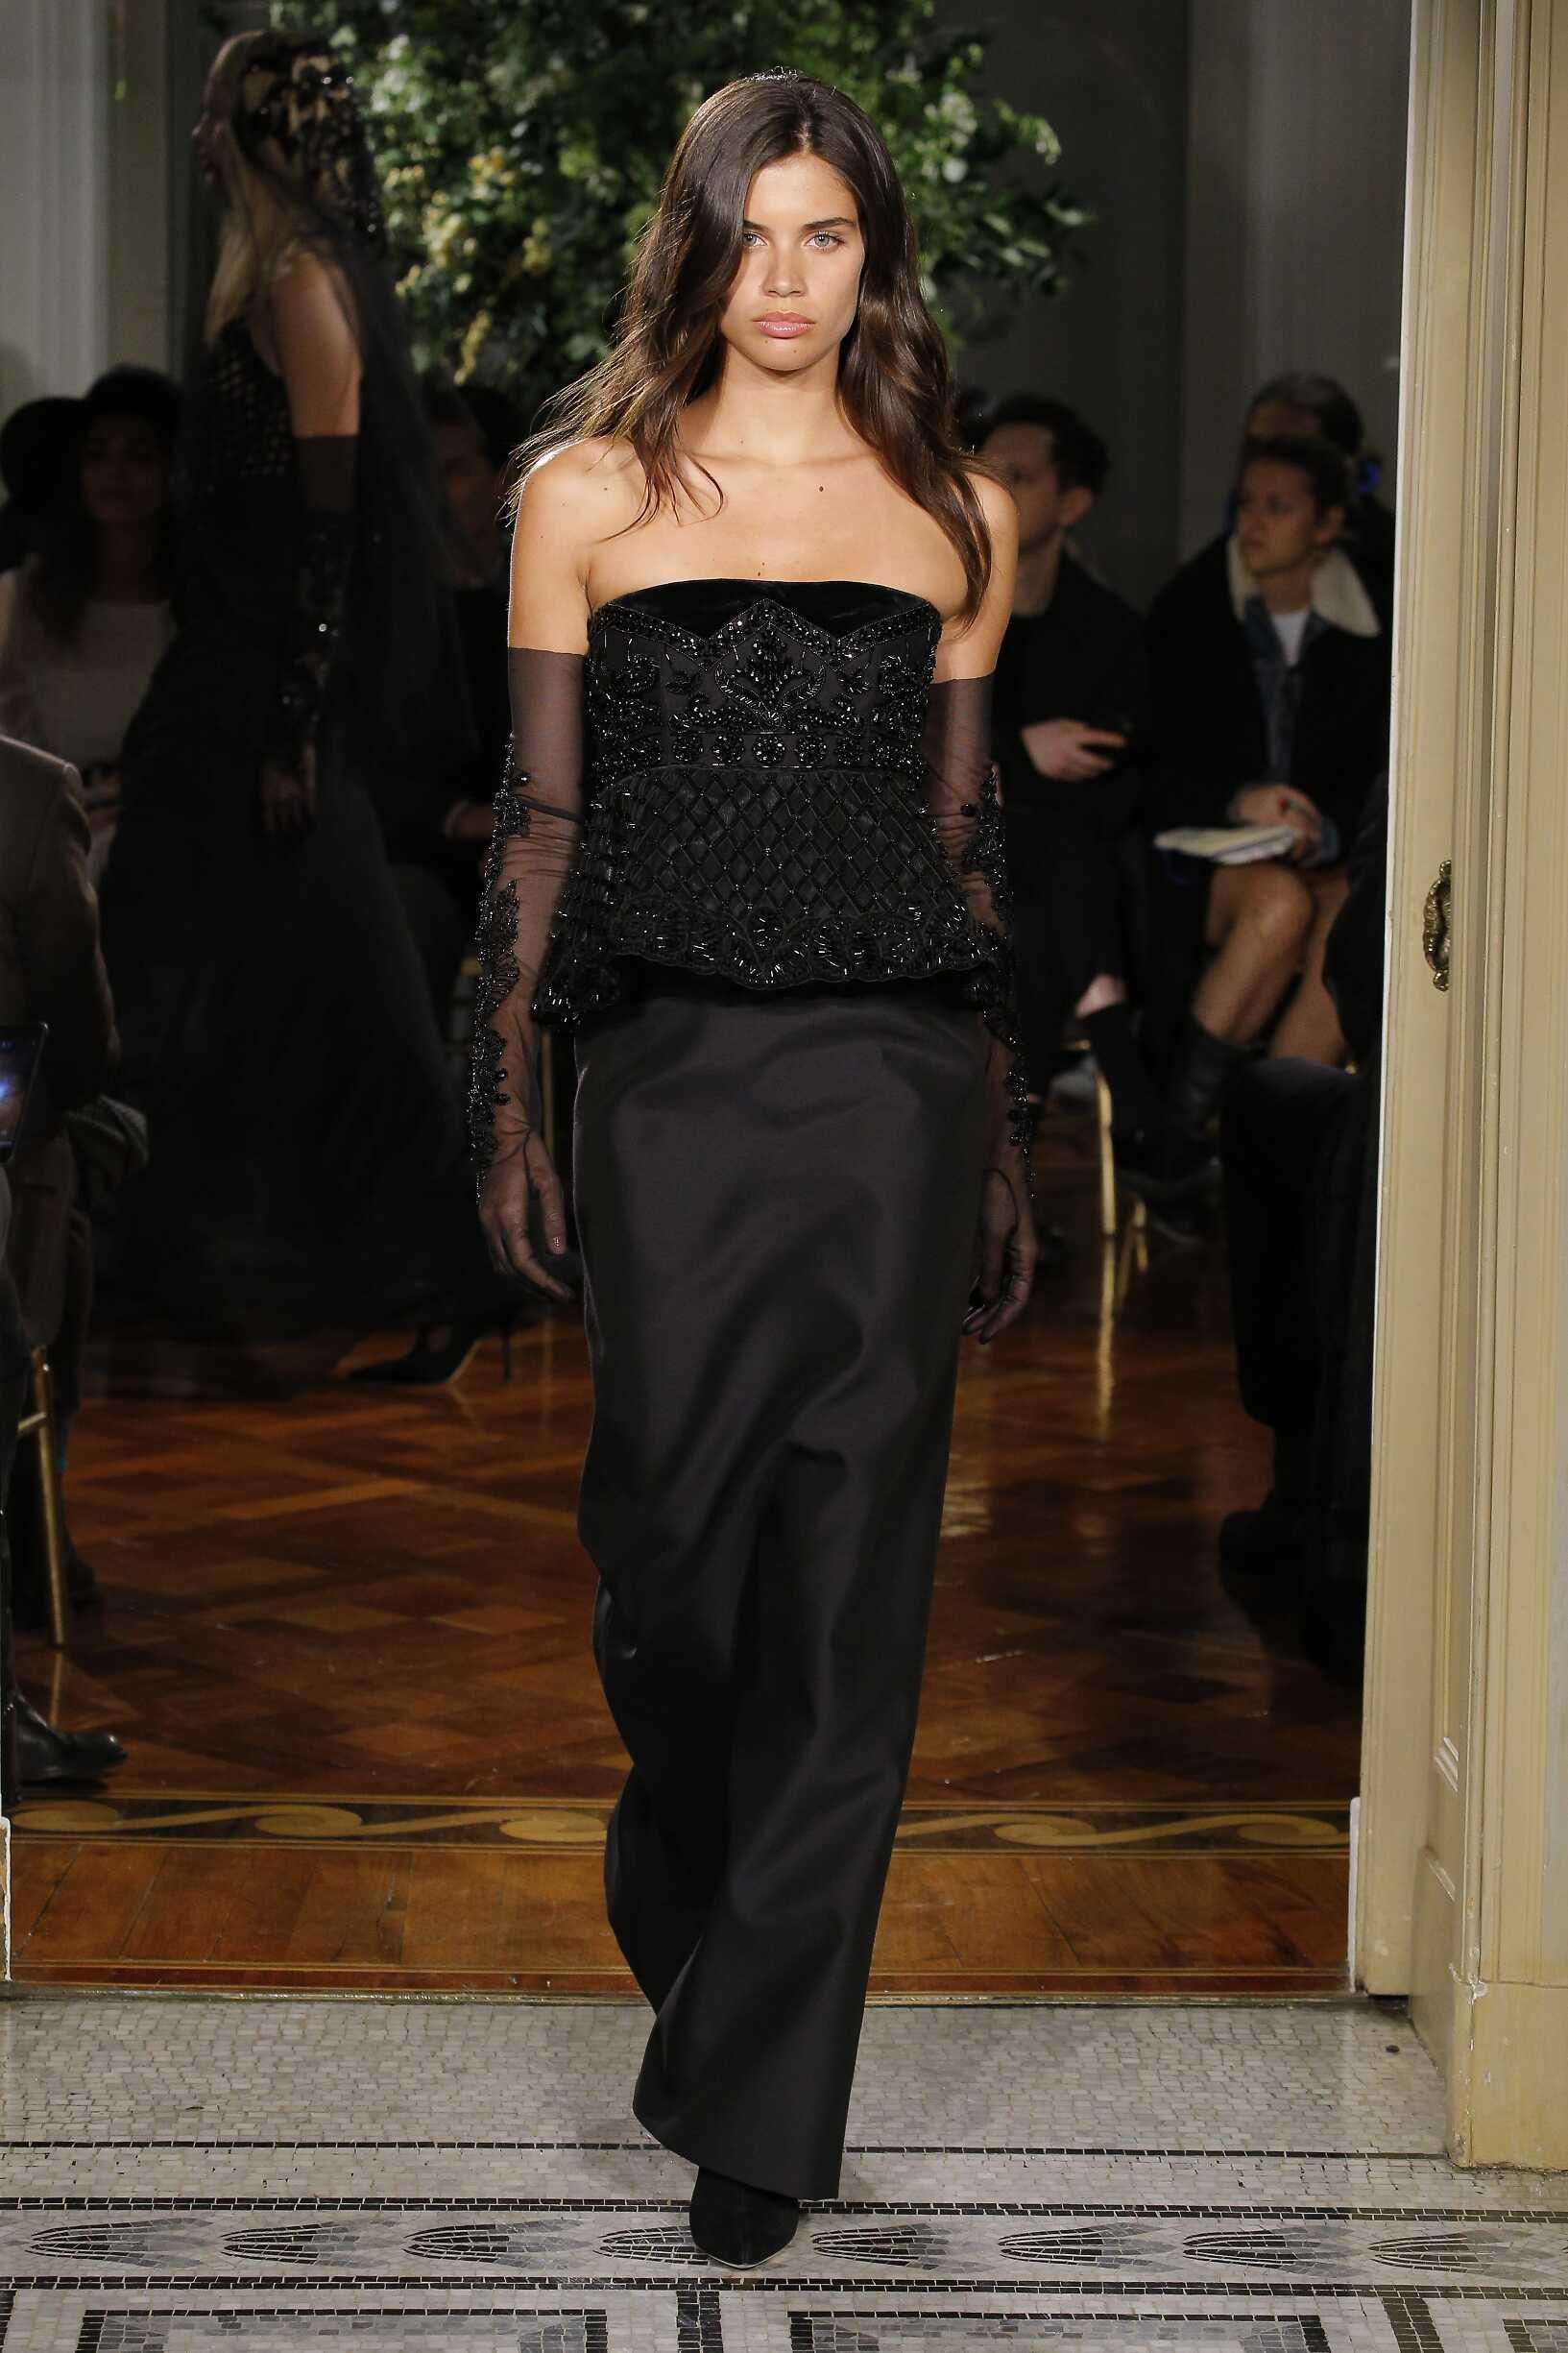 Alberta Ferretti Limited Edition Woman Milan Fashion Week